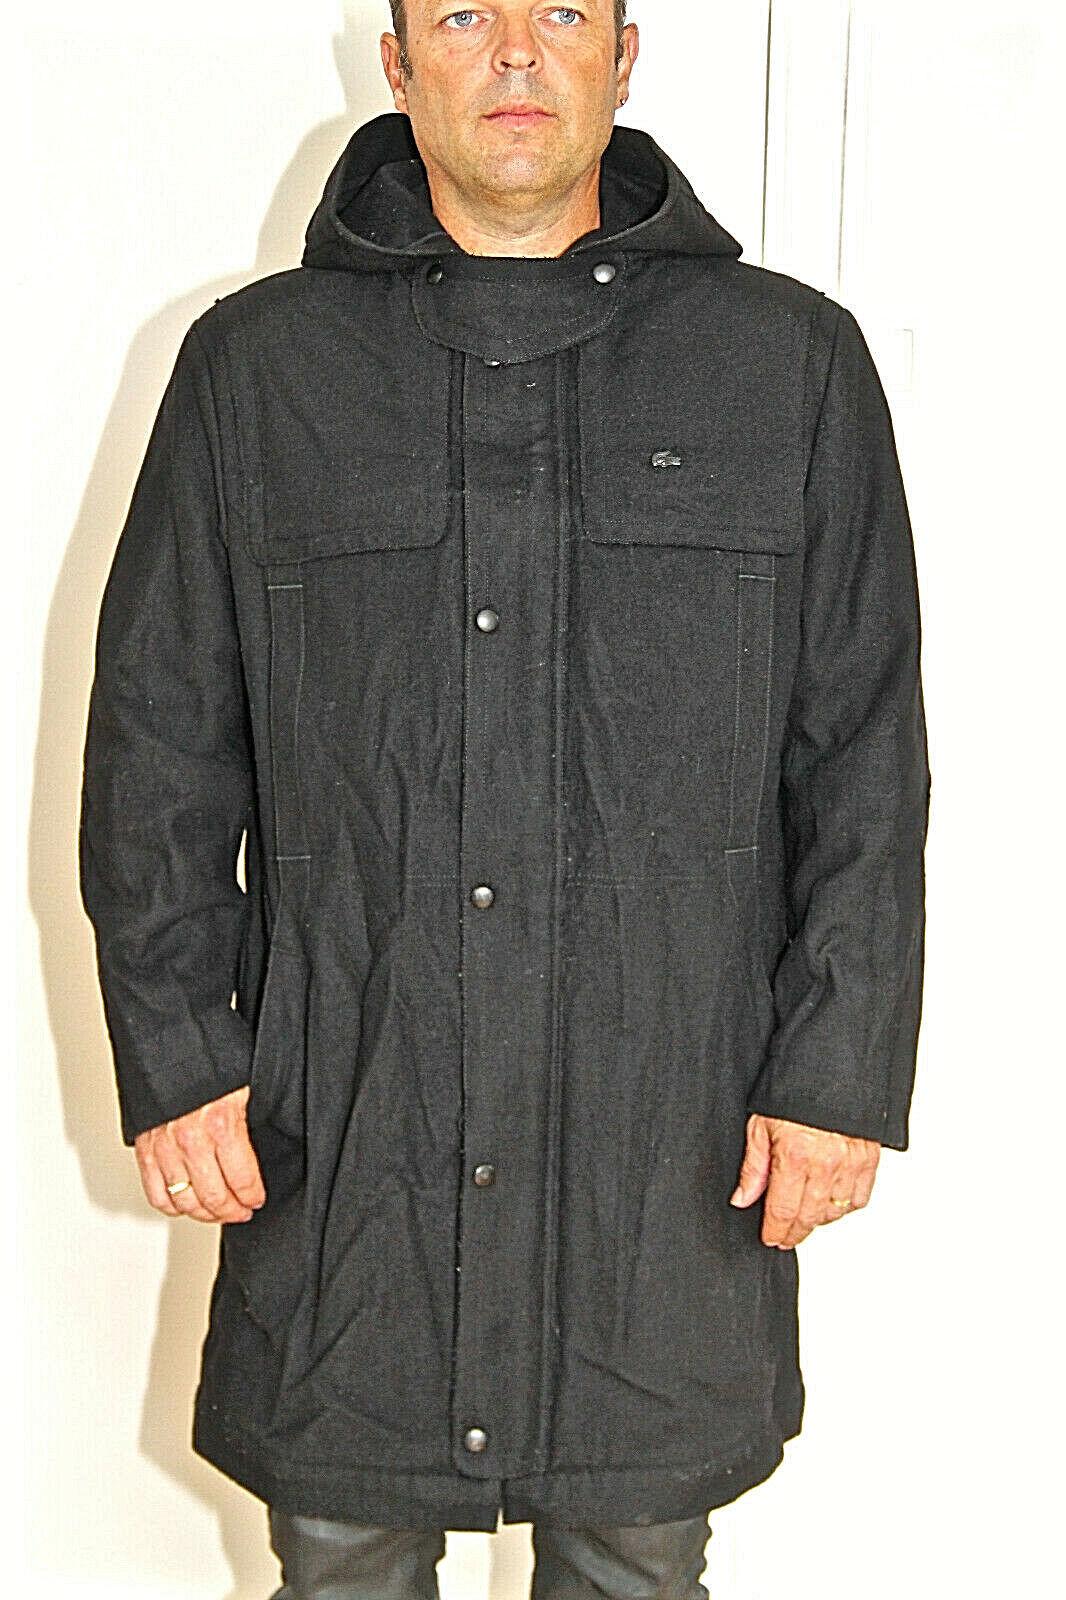 Joli manteau laine blacke à capuche hiver homme LACOSTE DEVANLAY size 50 4